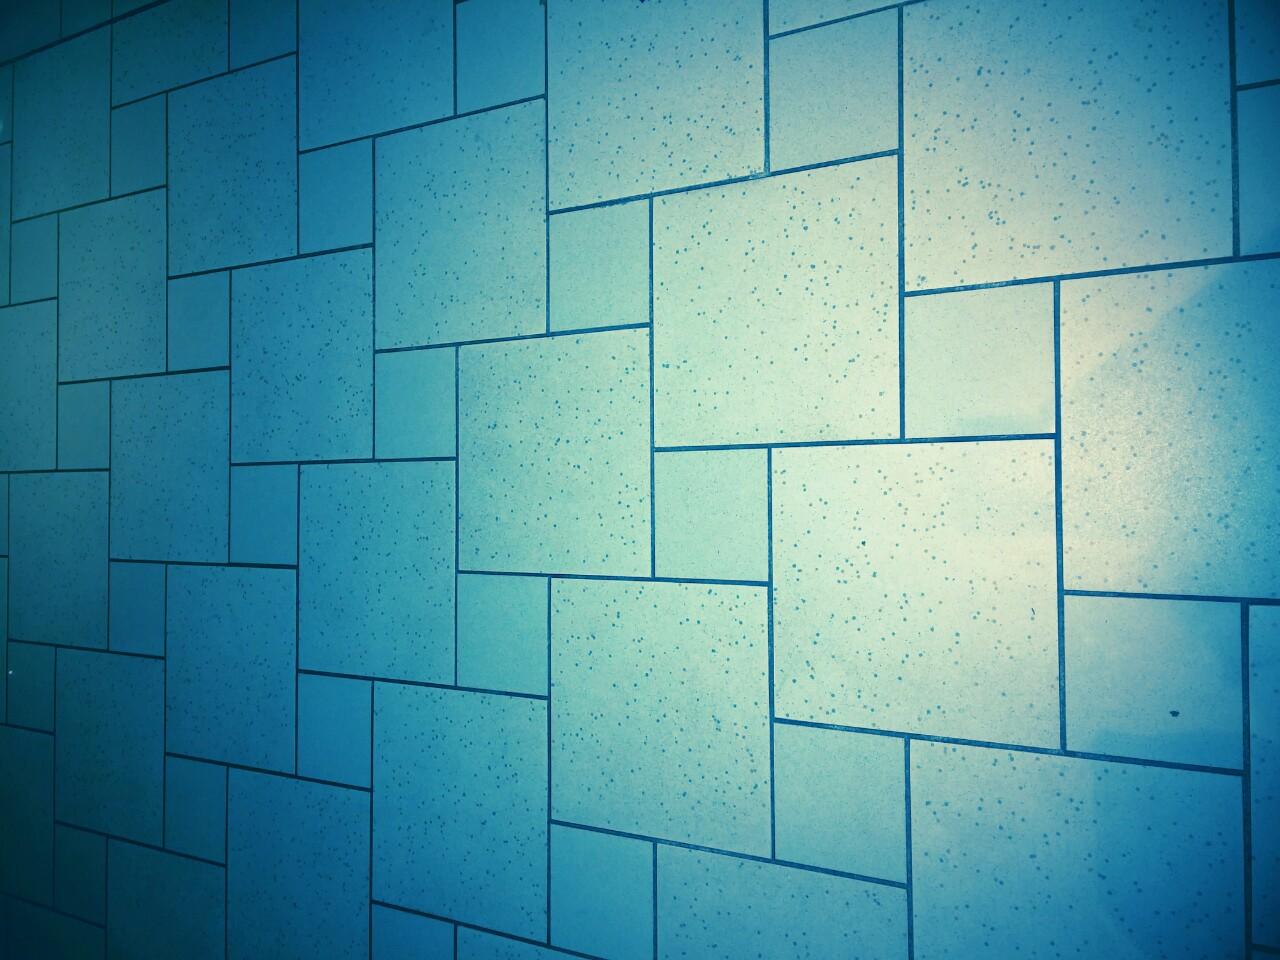 Tile Layout Design Notes on Tiled Versatility